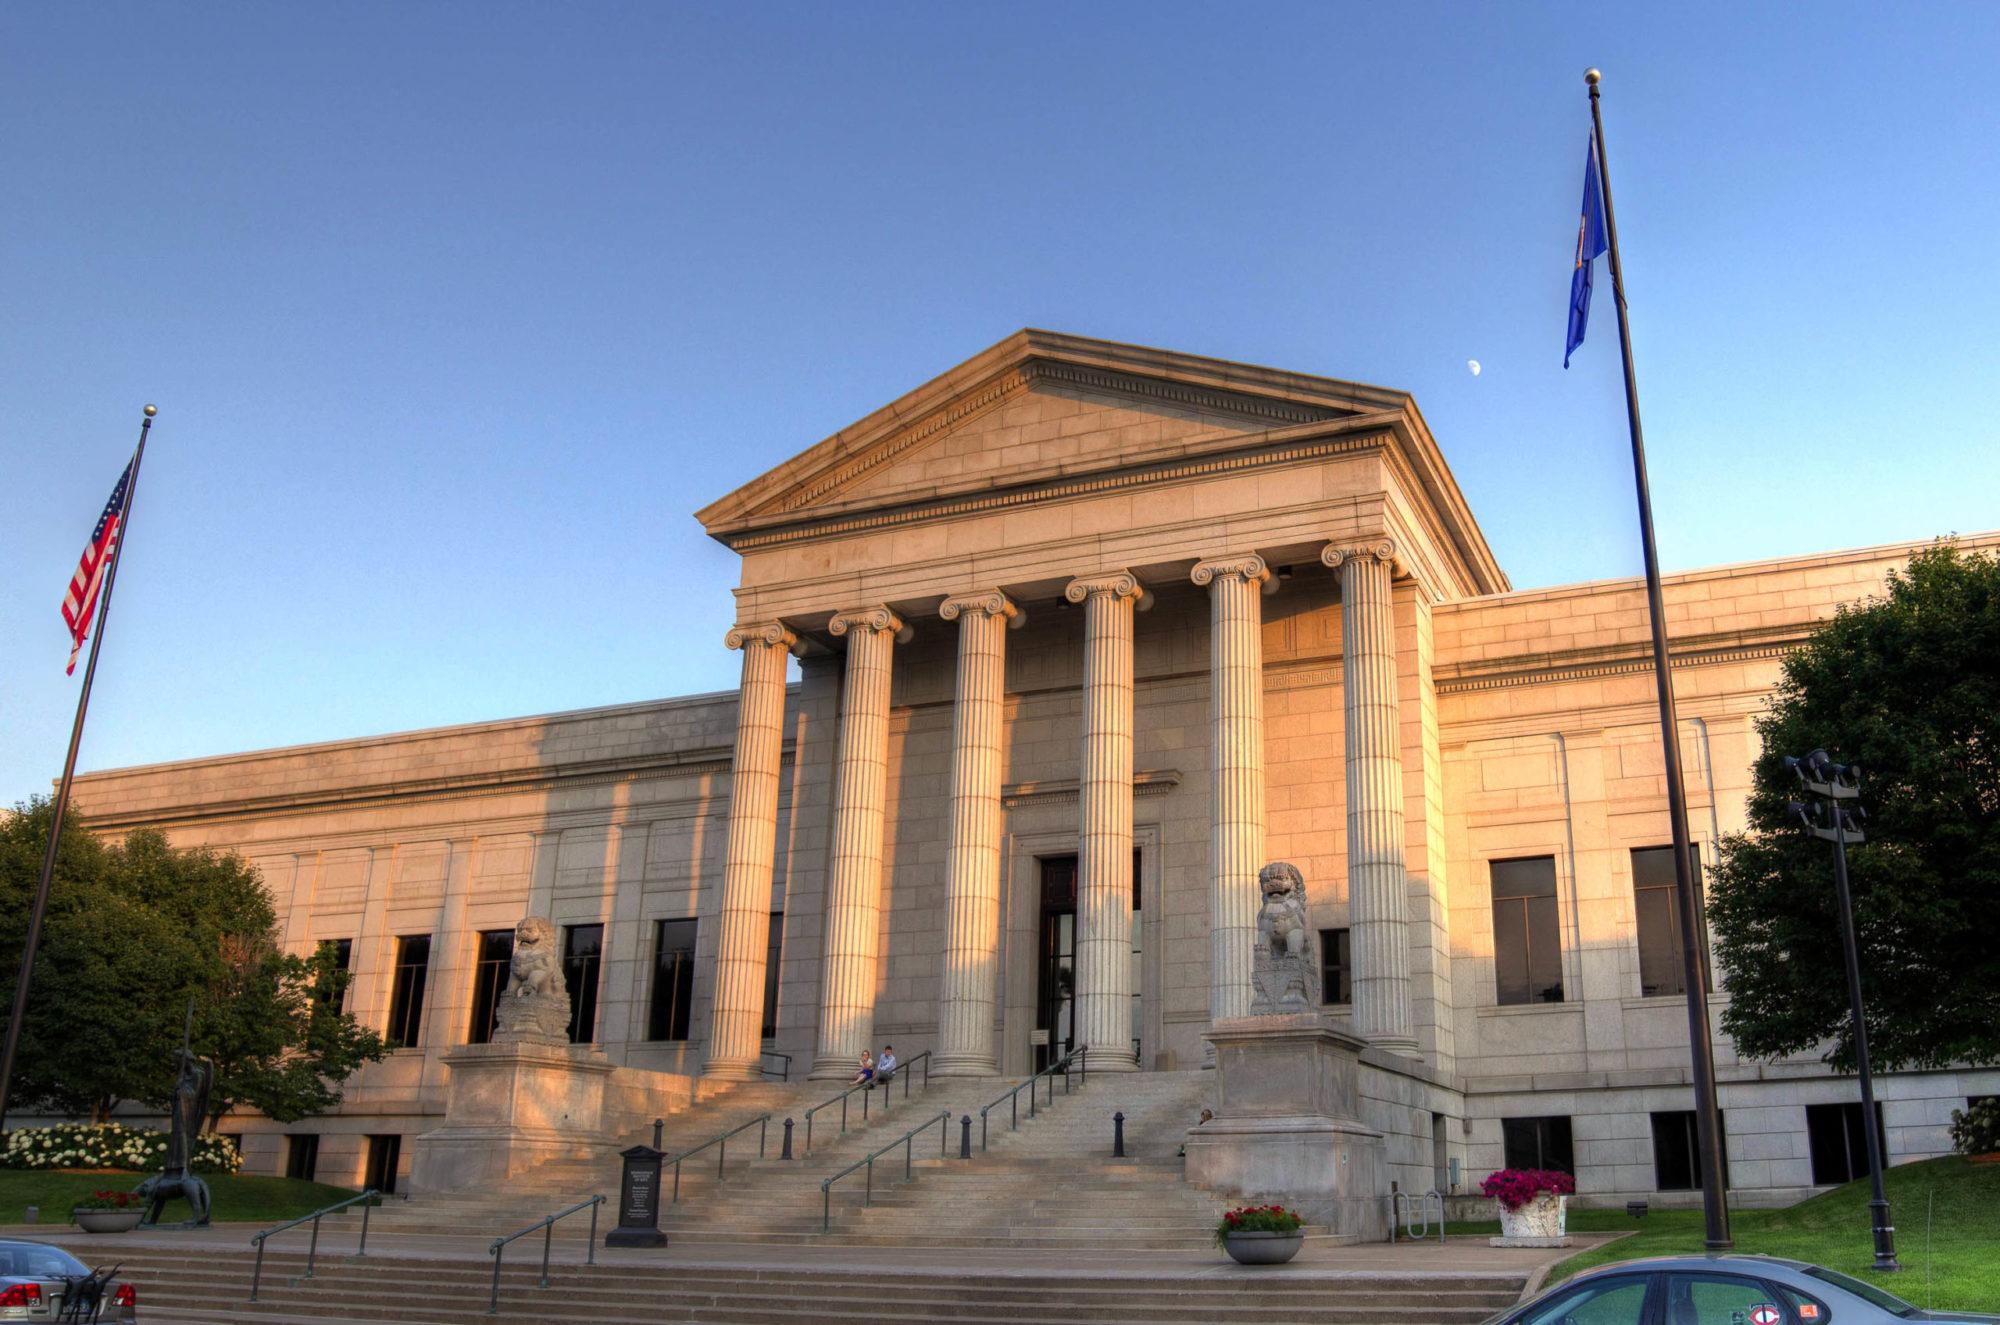 Институт искусств, Миннеаполис